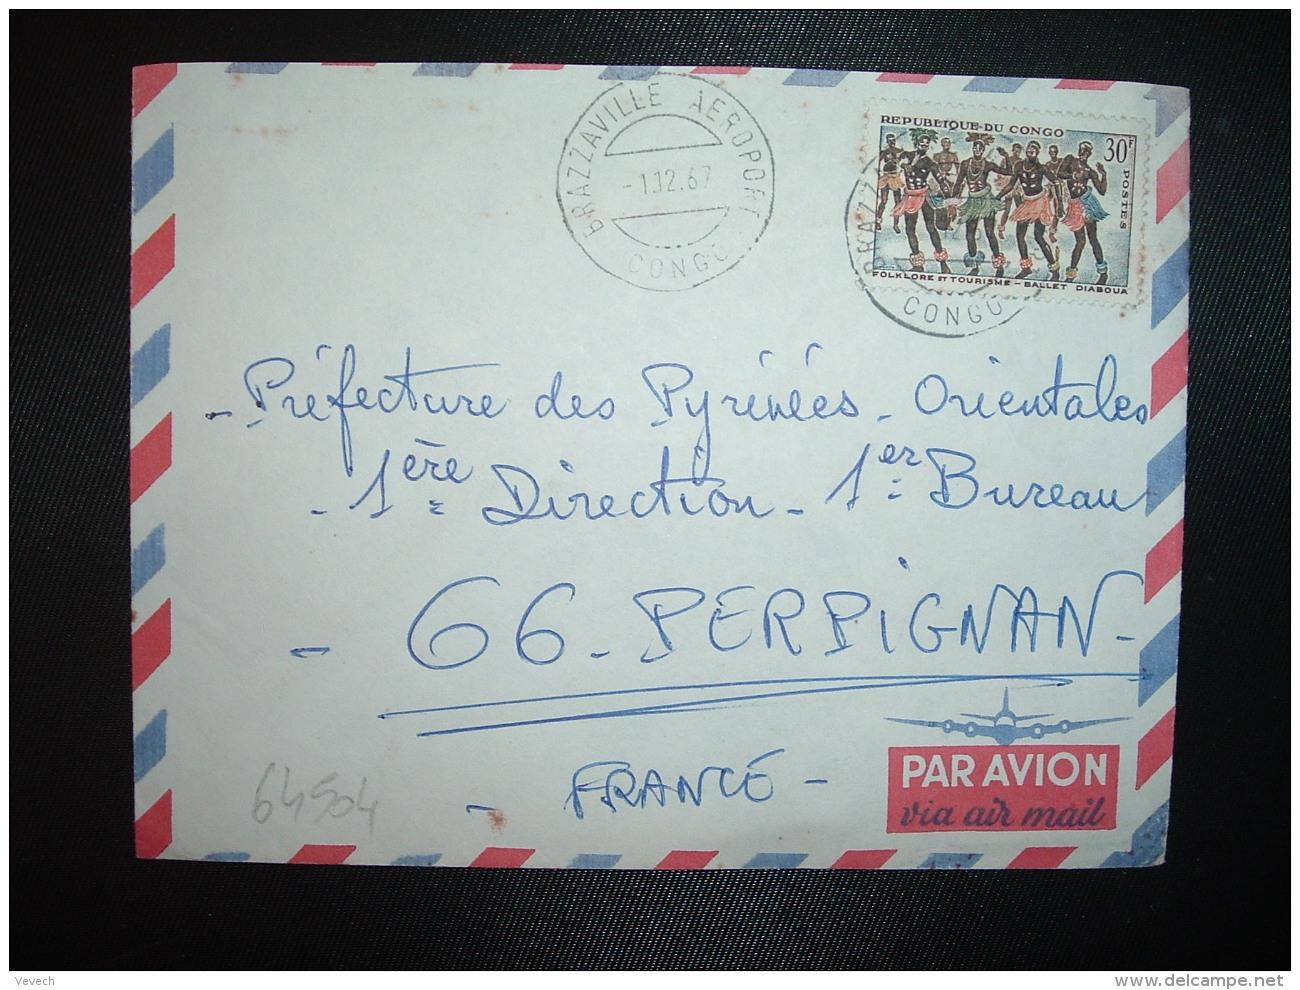 LETTRE TP FOLKLORE 30F OBL.1 12 67 BRAZZAVILLE AEROPORT - Congo - Brazzaville